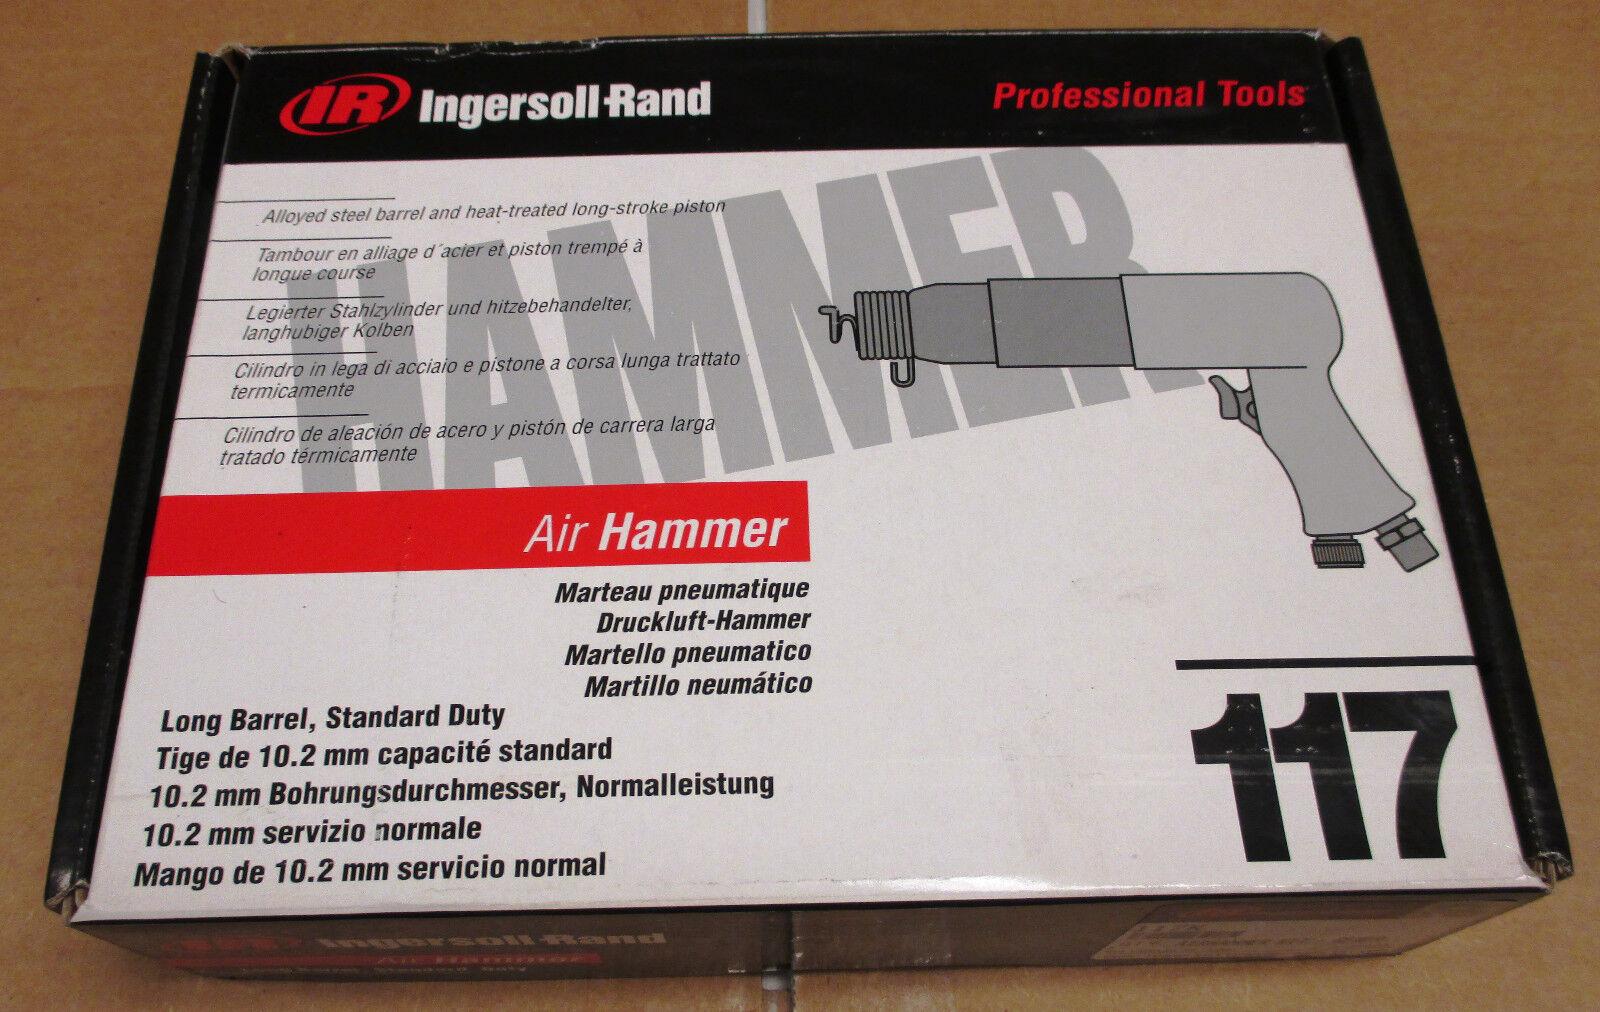 Ingersoll-Rand 117 Standard Duty Lufthammer, Neu